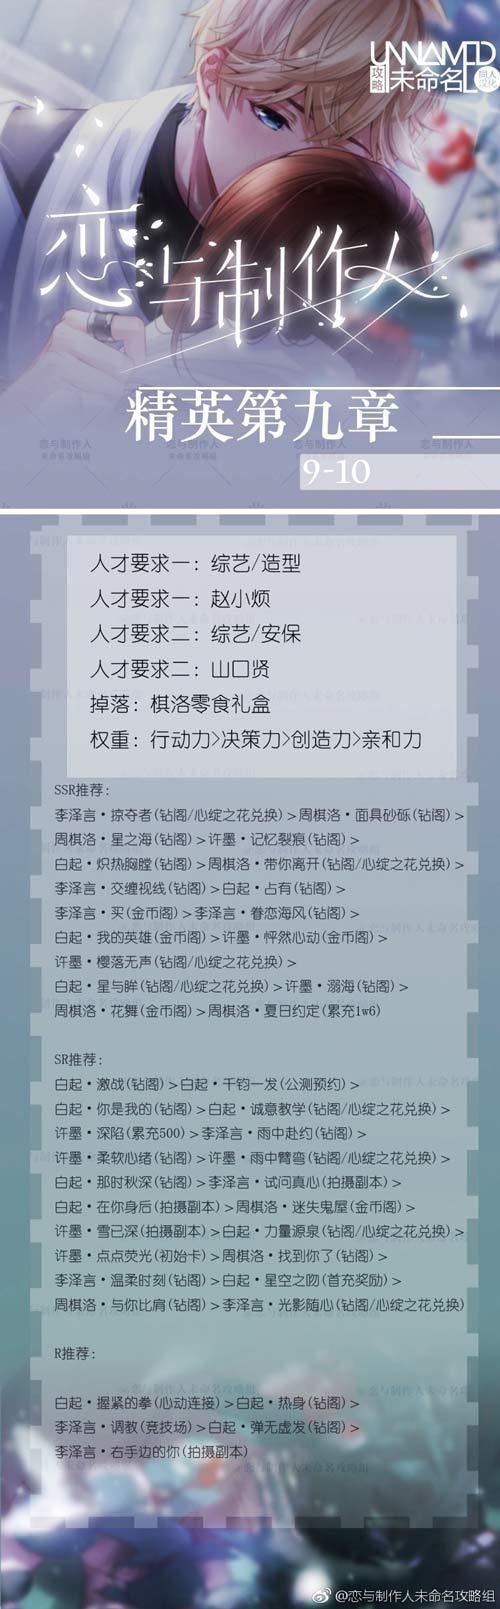 恋与制作人精英9-10关怎么过 精英第九章攻略